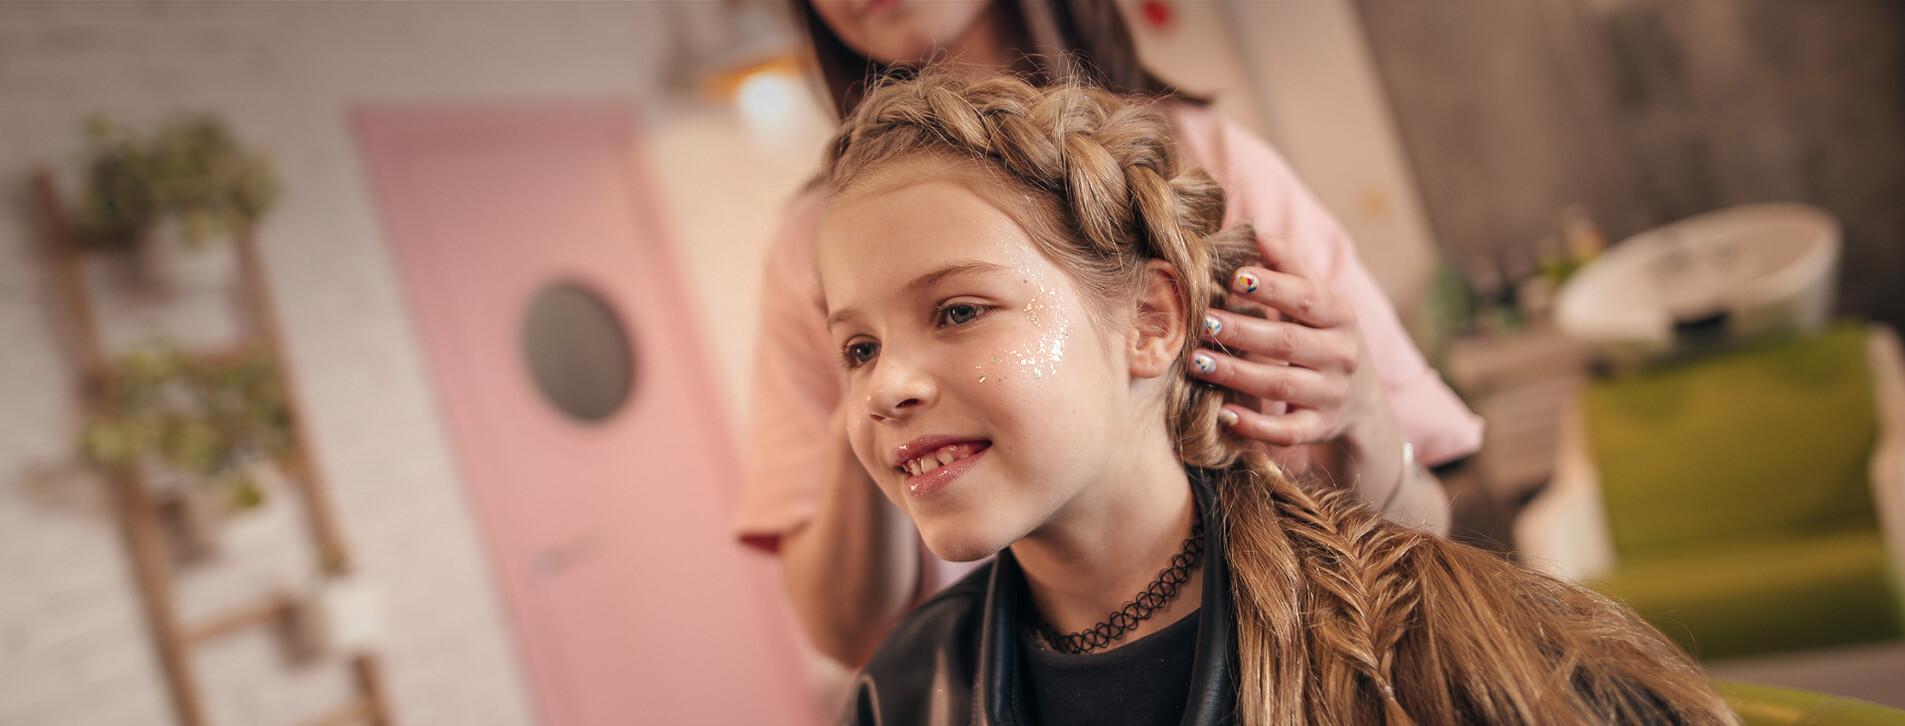 Фото 1 - Детская прическа и макияж